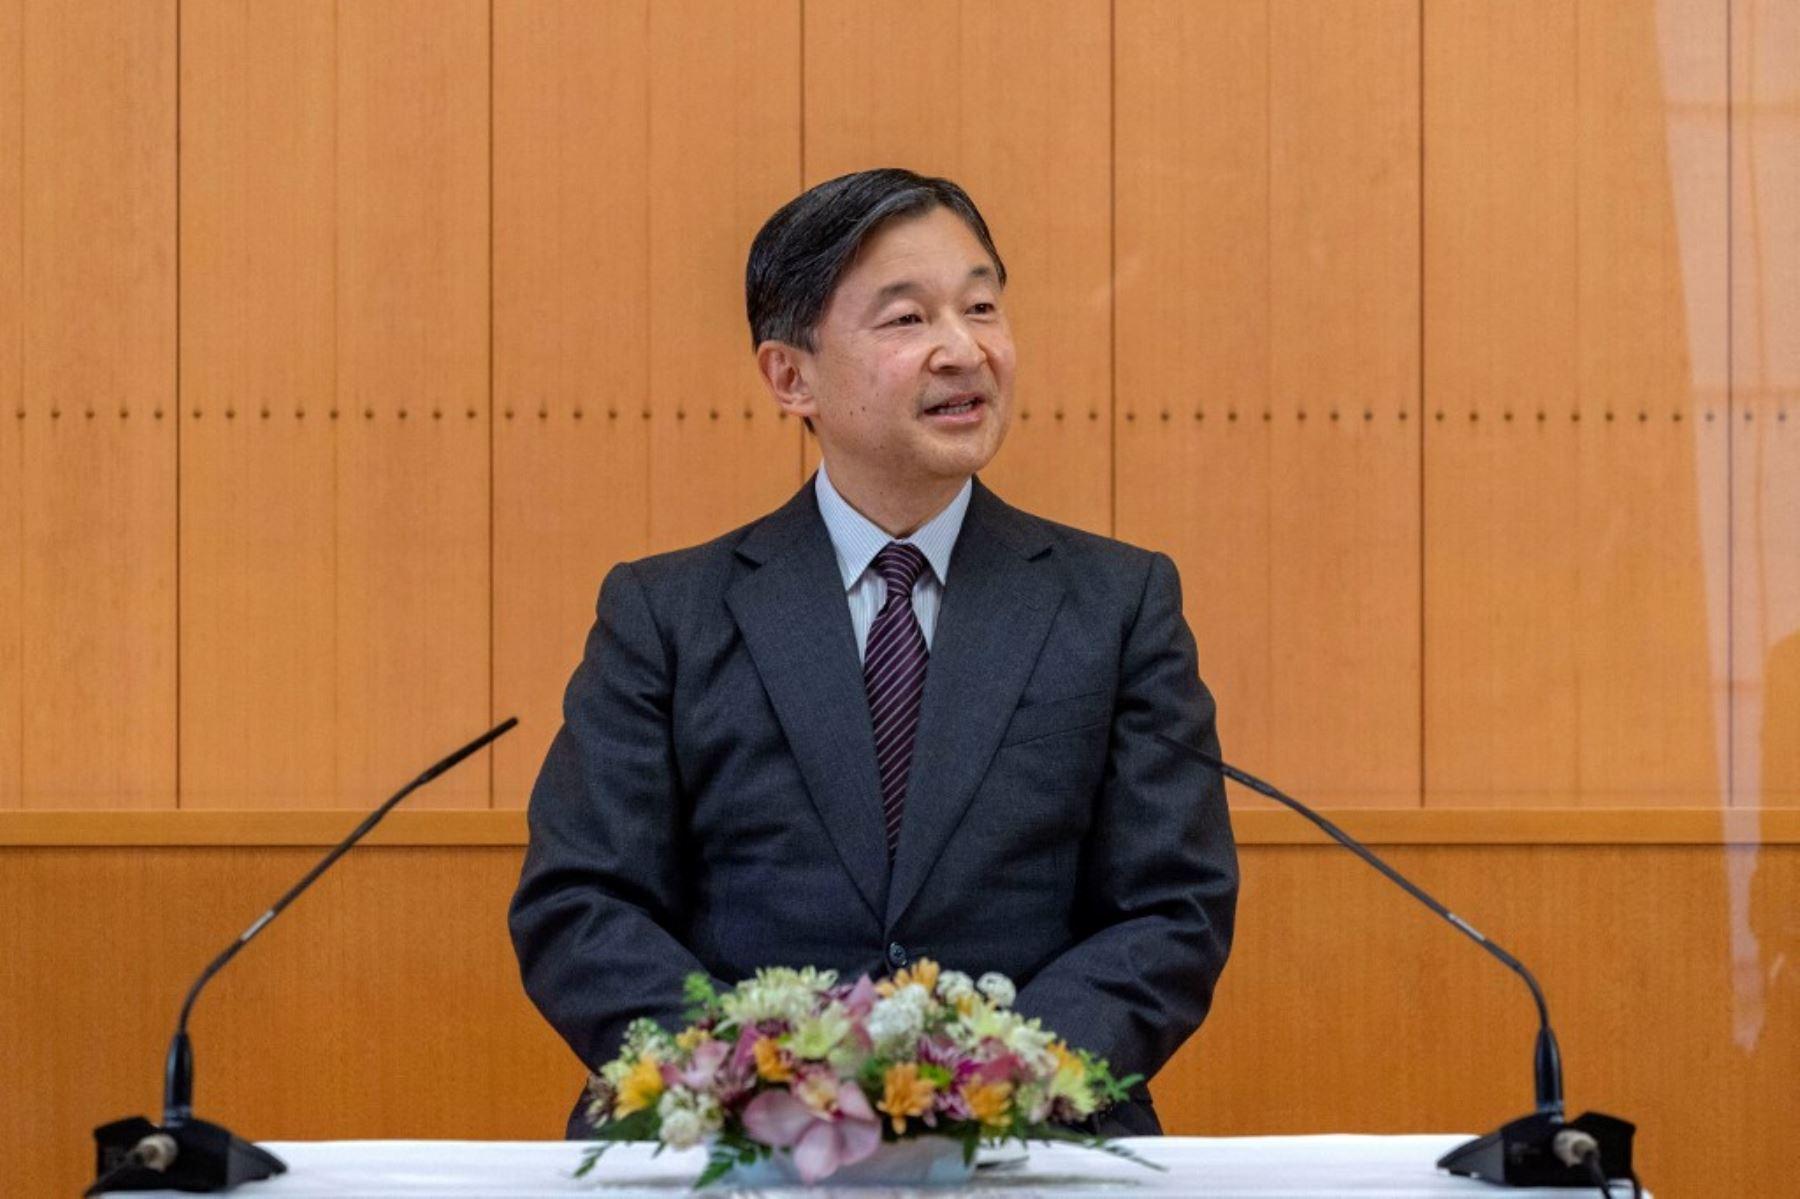 Juegos de Tokio: emperador de Japón asistirá a la ceremonia olímpica de apertura